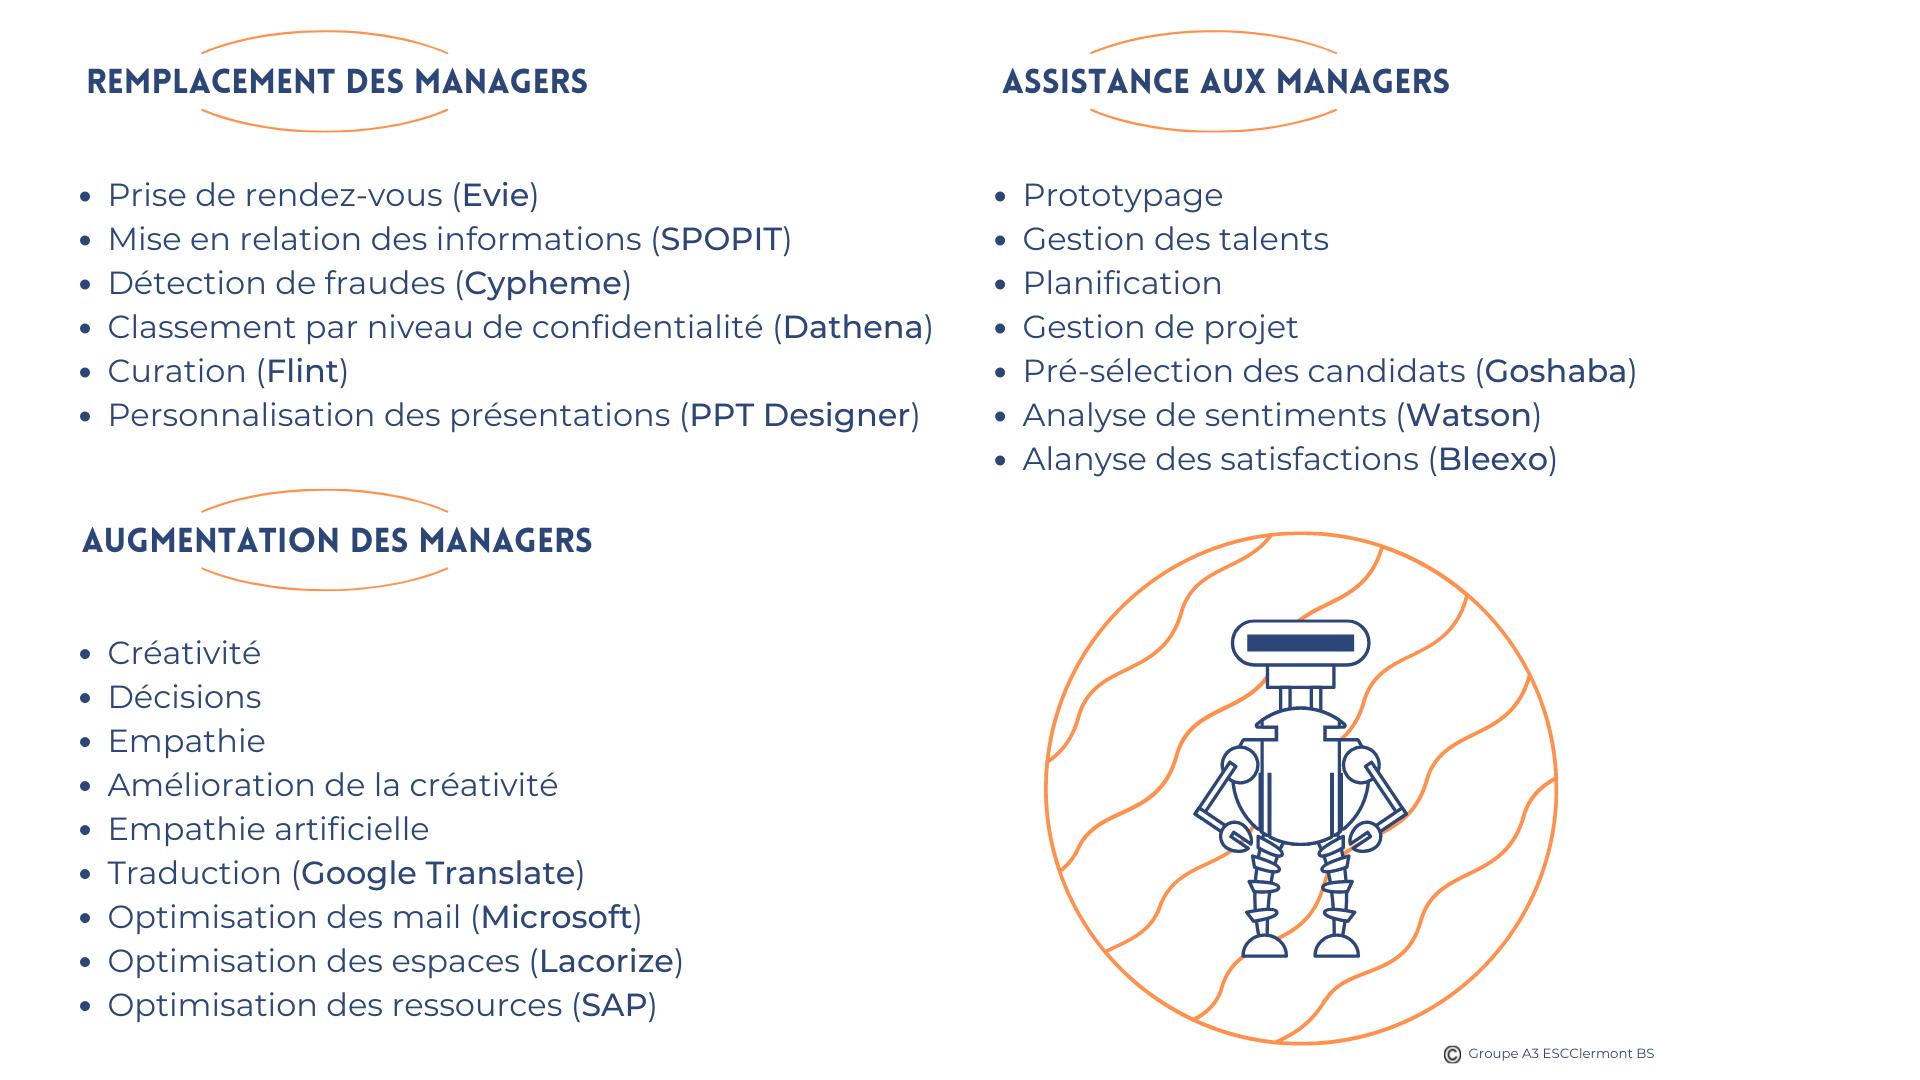 Liste des applications utilisant l'IA permettant d'accompagner les managers dans leur travail au quotidien.